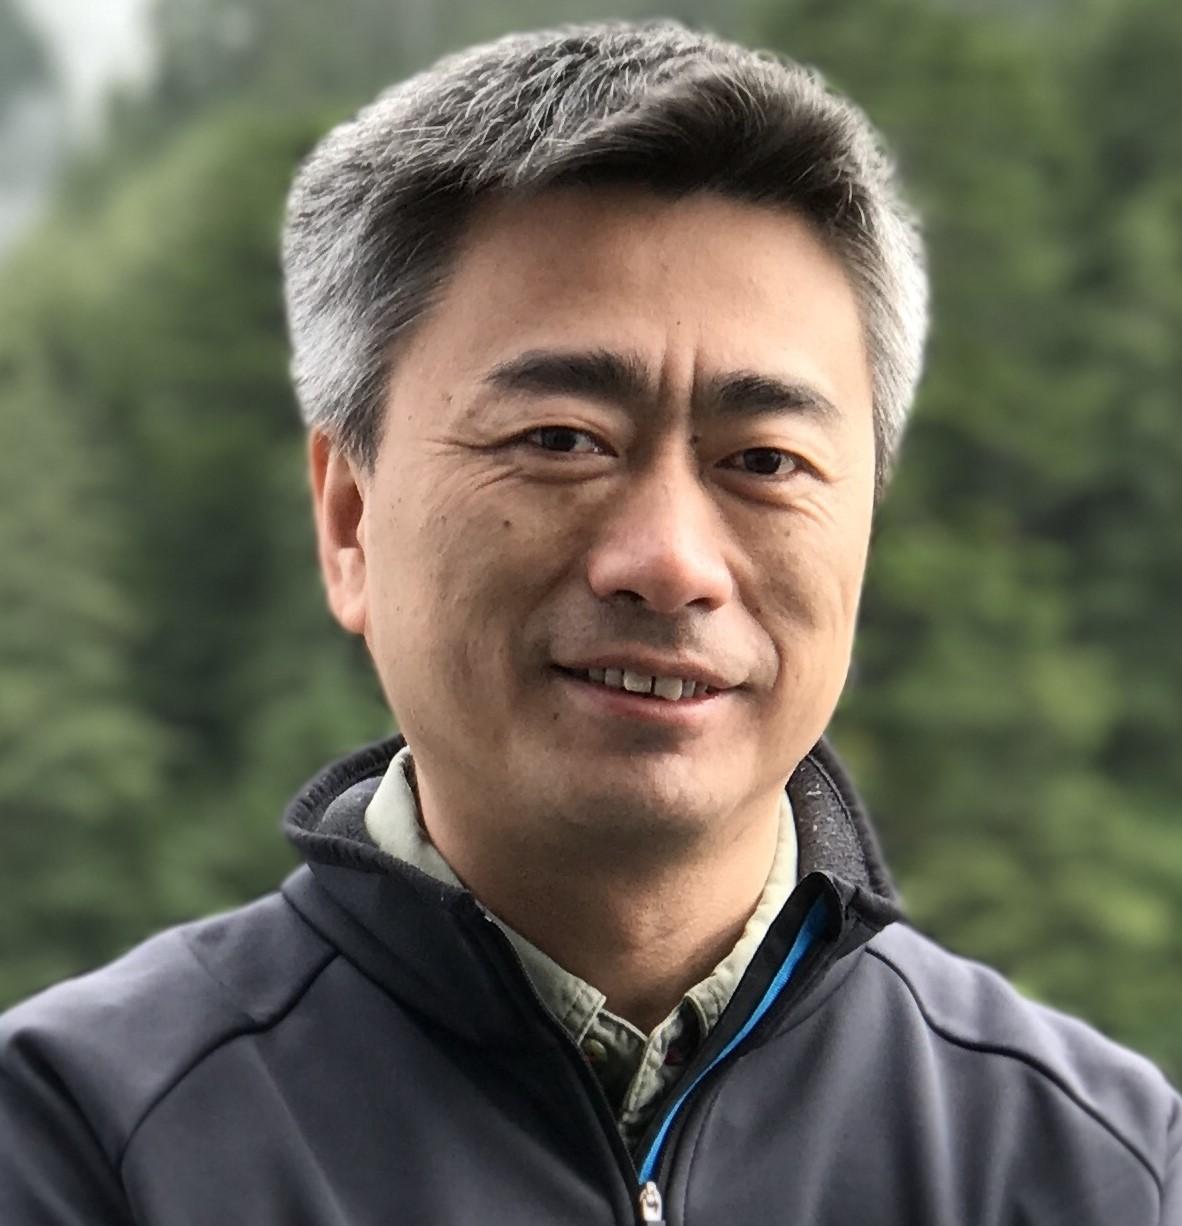 清华大学计算机科学与技术系教授孙立峰照片